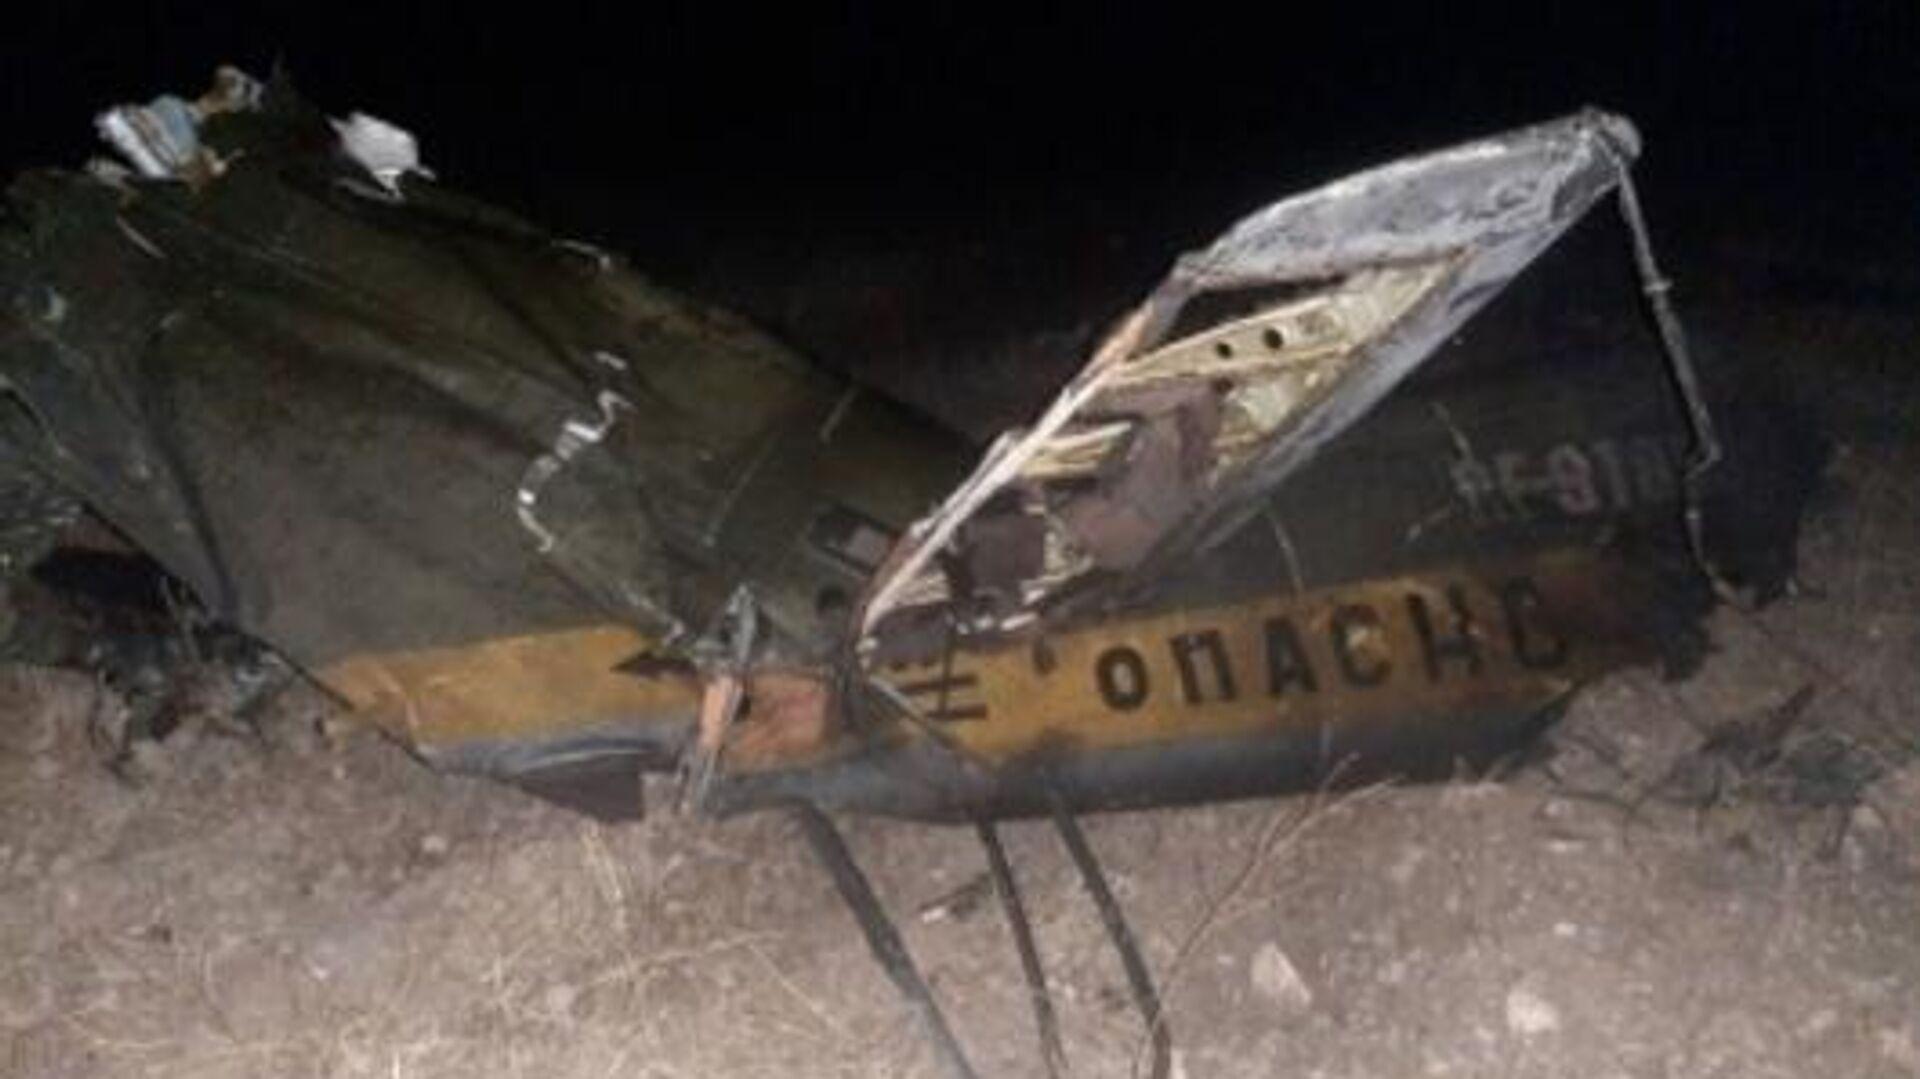 Обломки российского вертолета Ми-24, сбитого в воздушном пространстве над территорией Армении вне зоны боевых действий - РИА Новости, 1920, 13.11.2020